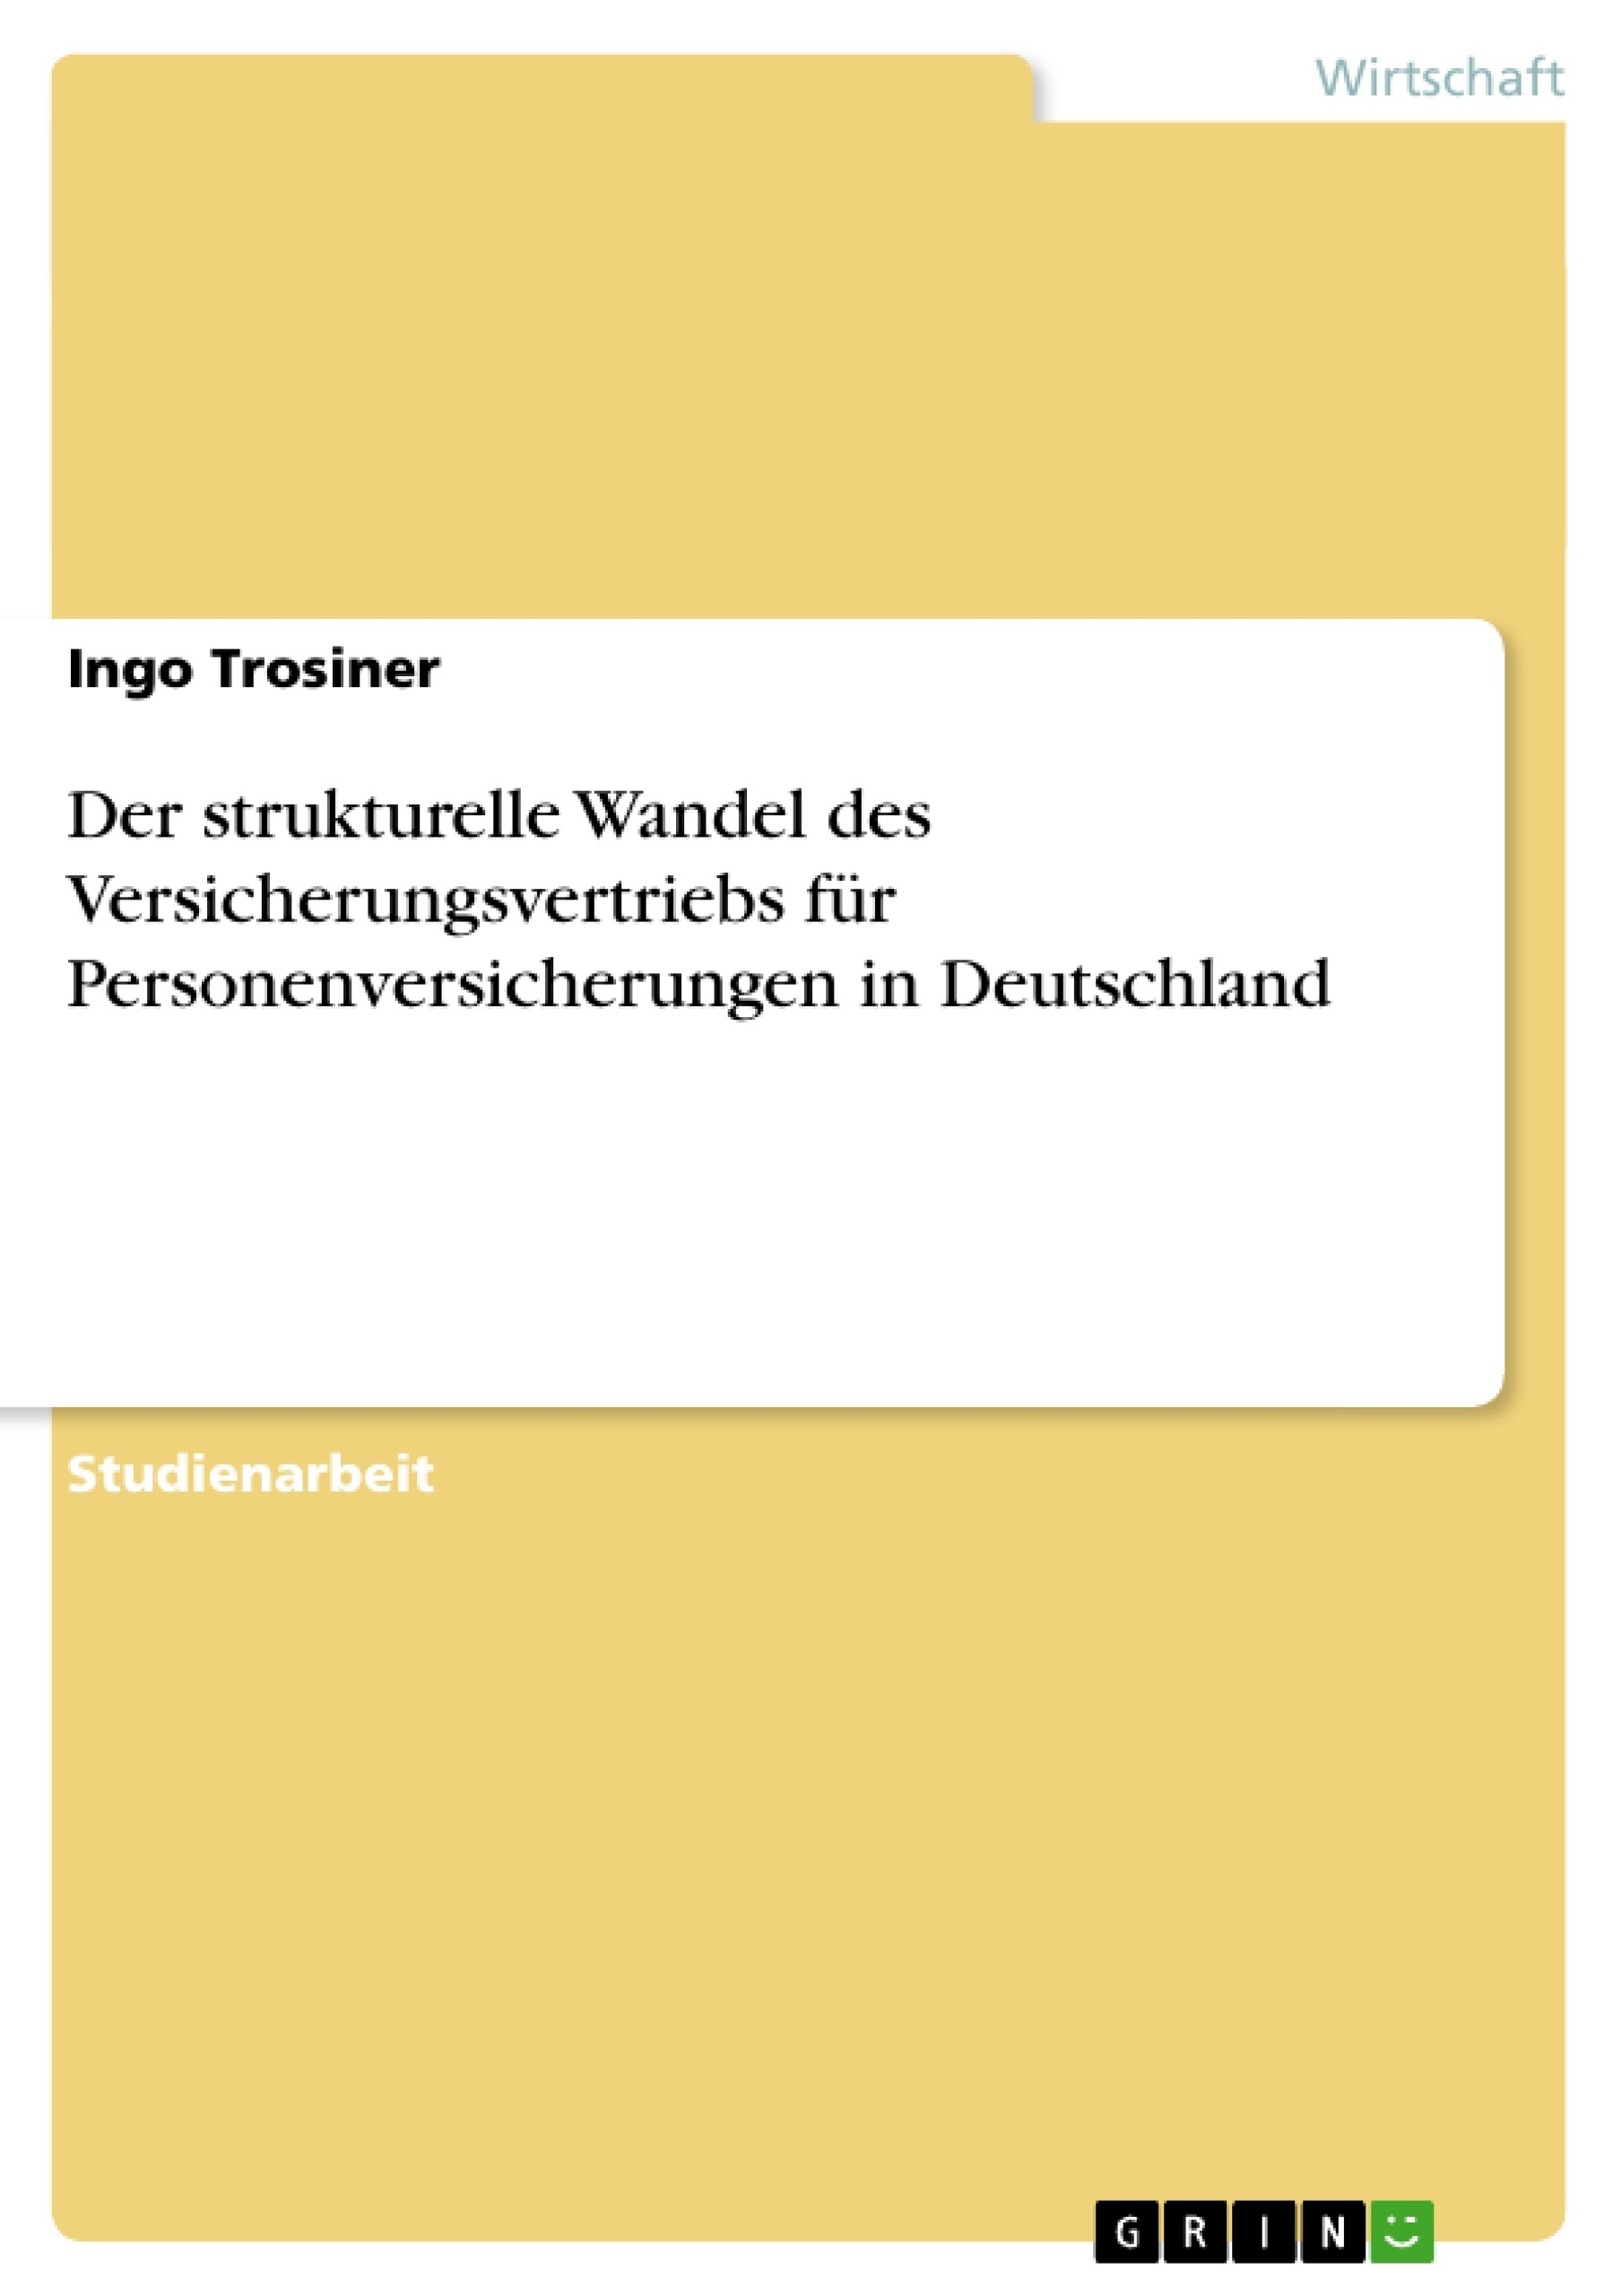 Titel: Der strukturelle Wandel des Versicherungsvertriebs für Personenversicherungen in Deutschland